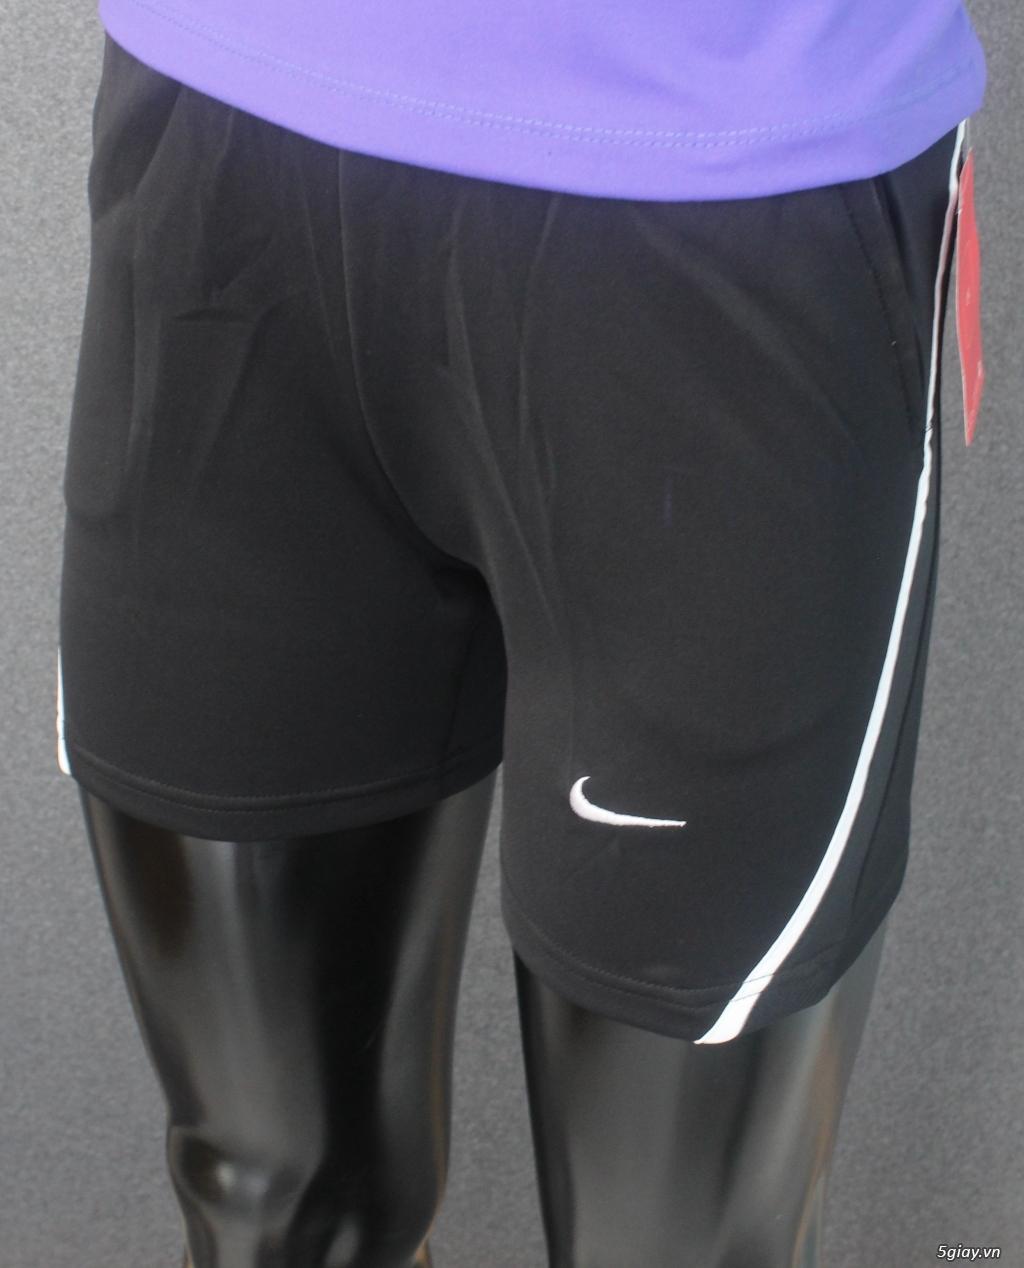 Chuyên cung cấp quần áo thể thao Adidas,Nike,Under Armour,Puma...trên Toàn Quốc giá xưởng - 12